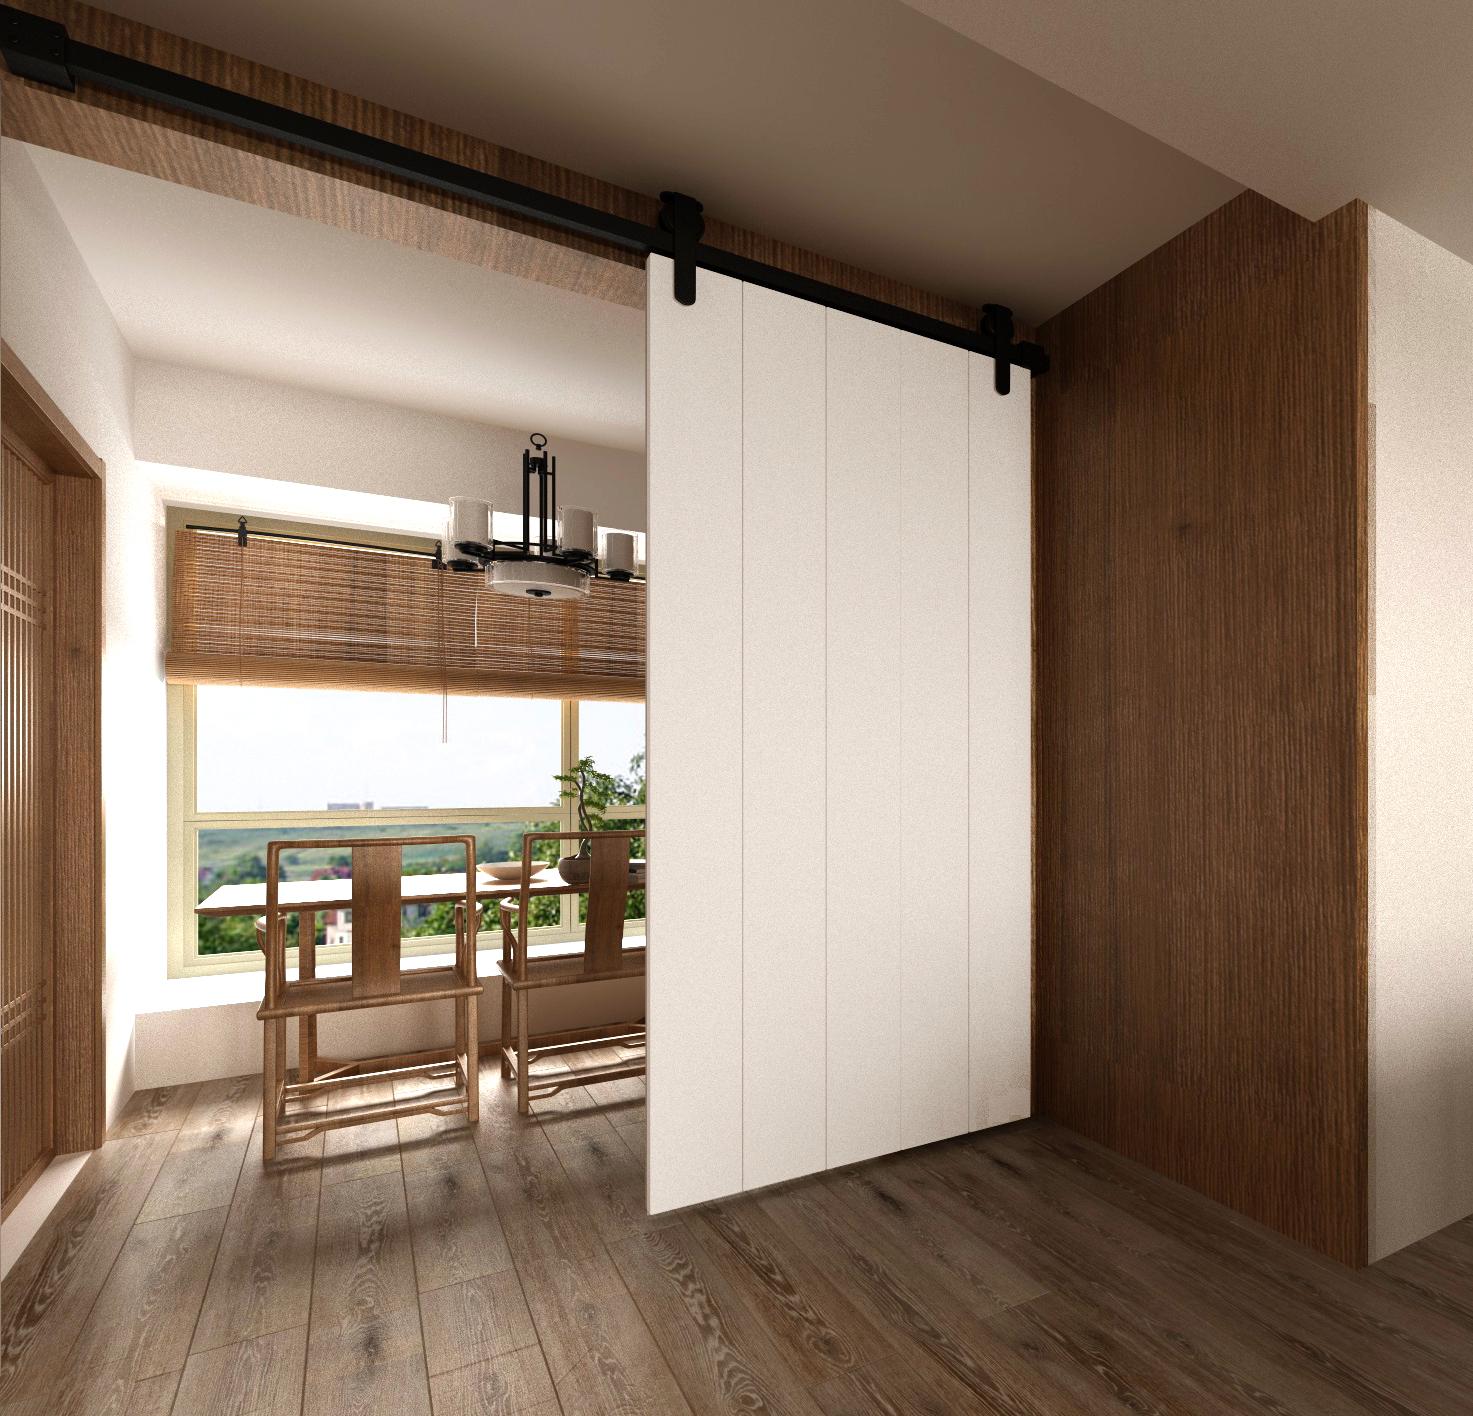 Solid Wood Barn Door Sliding Door American Kitchen Door Bathroom